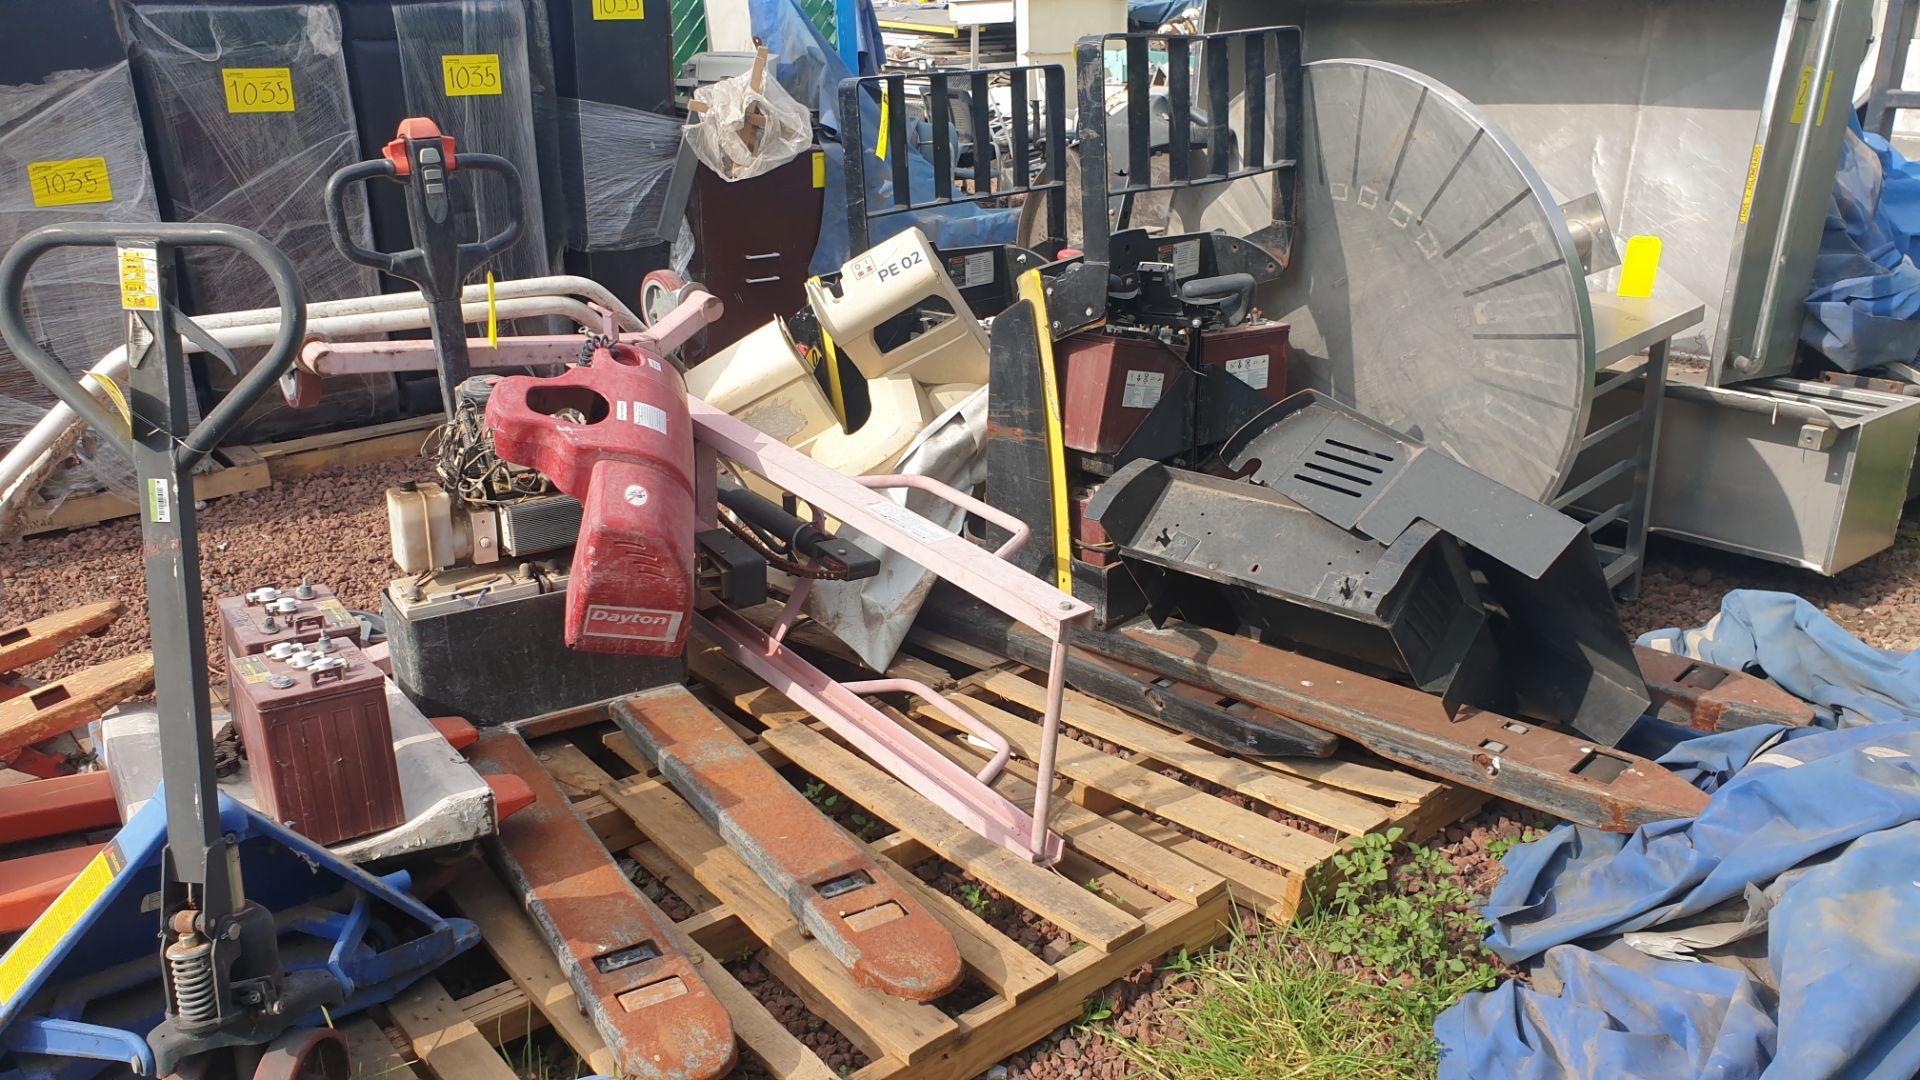 2 HYSTER lift pallet truck model W45ZHD 24 V , 1 DAYTON lift pallet truck model 21XV82 - Image 14 of 21